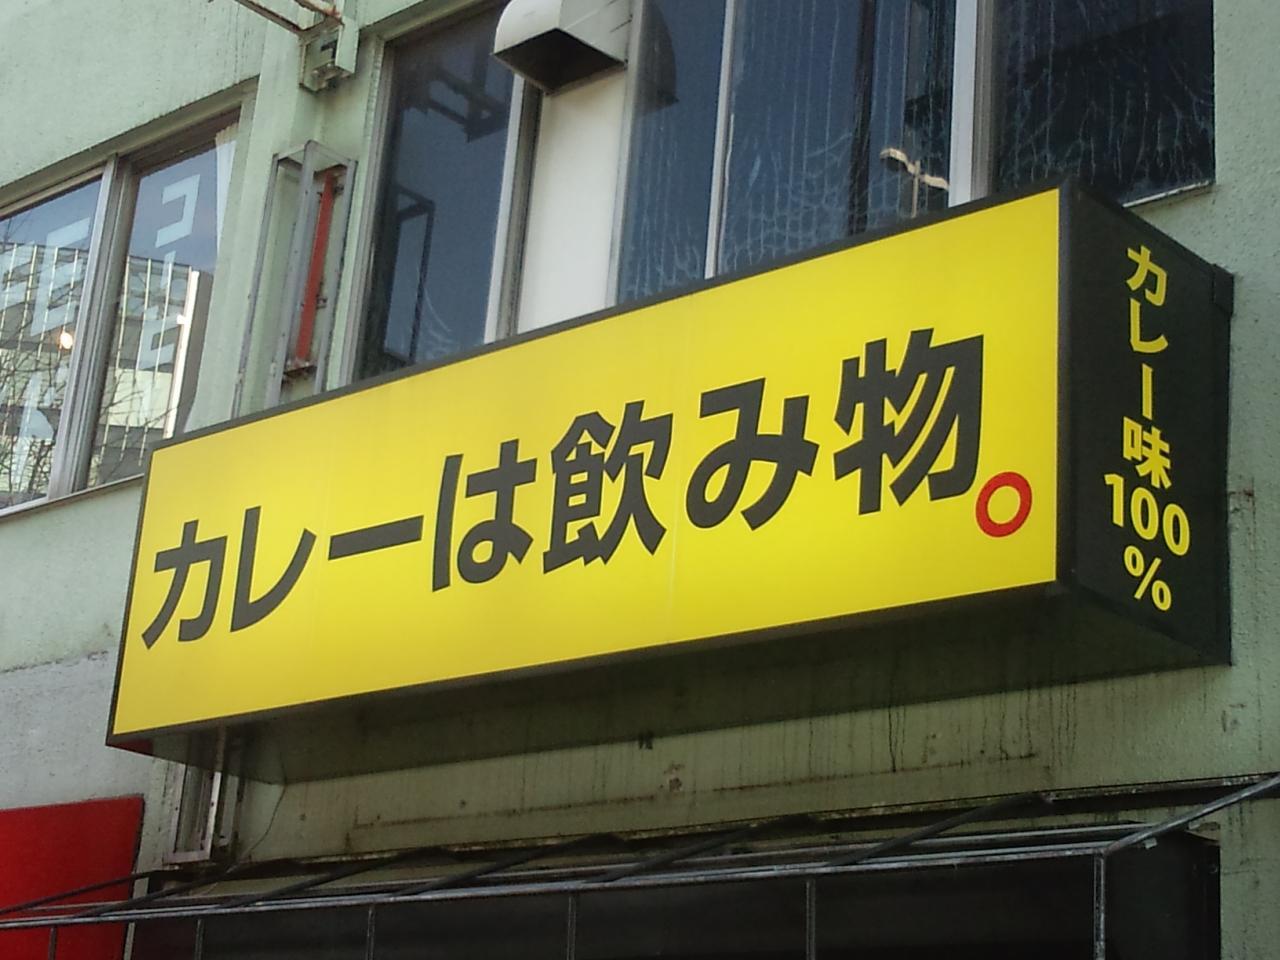 カレーは飲み物秋葉原店(店舗外観)